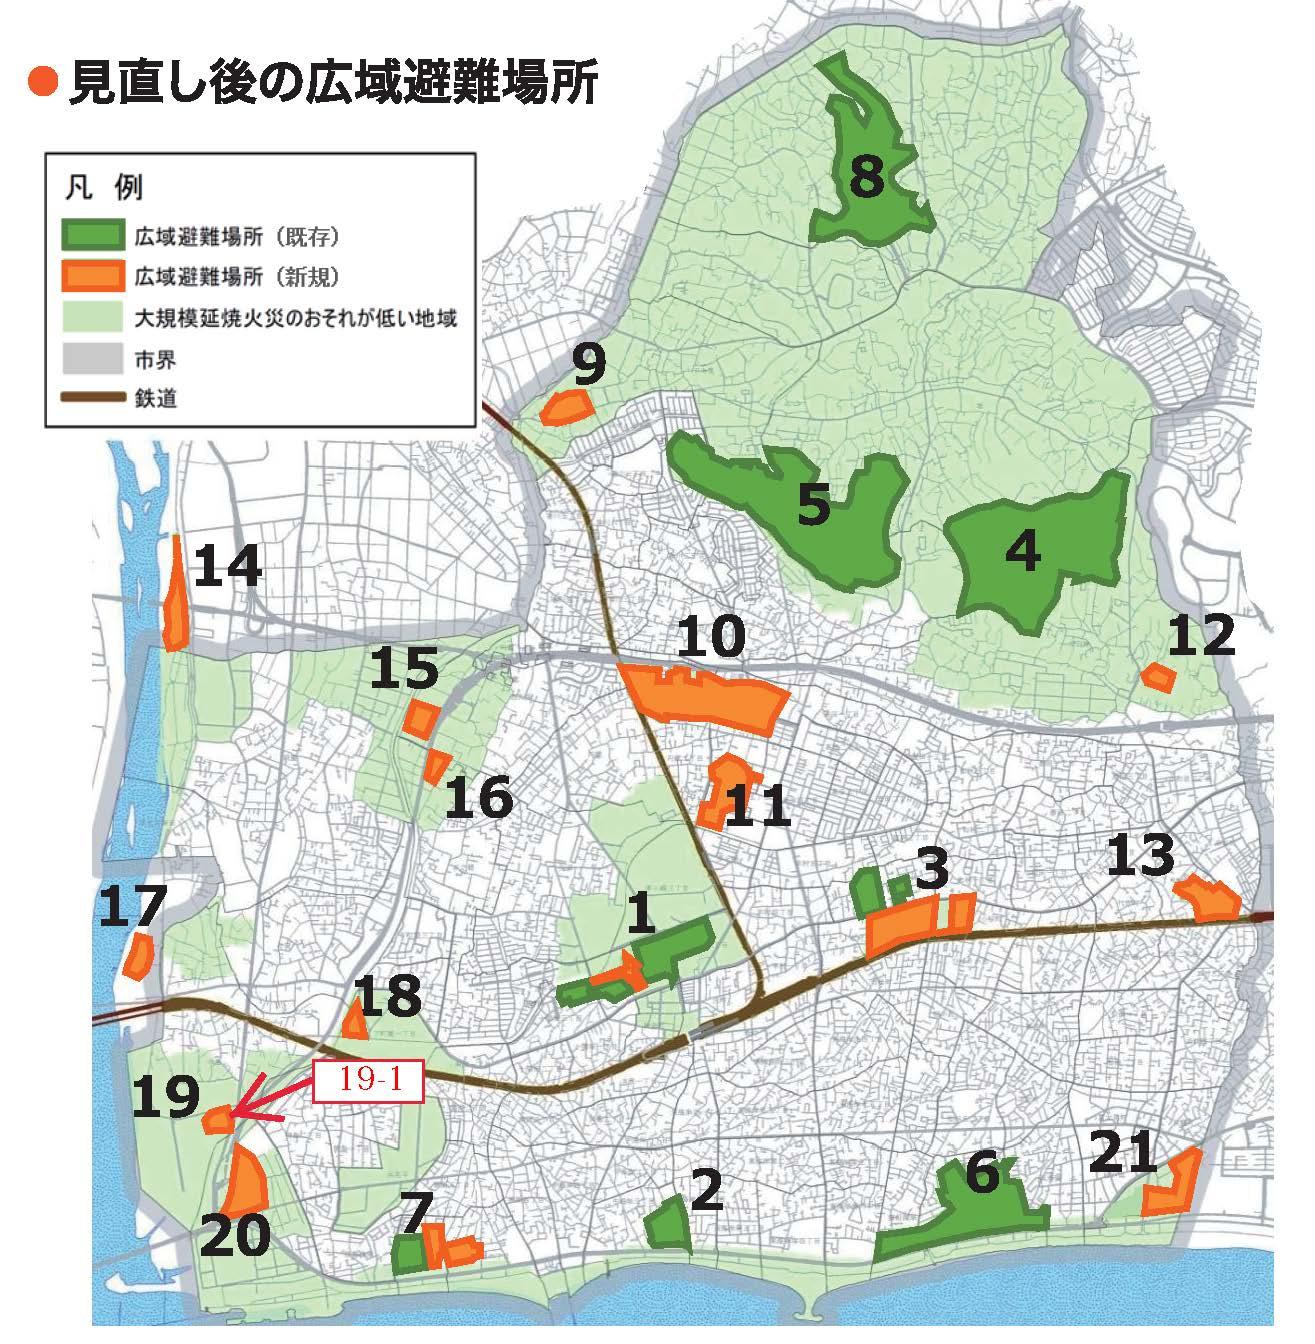 19-1.広域避難場所_茅ヶ崎市地図